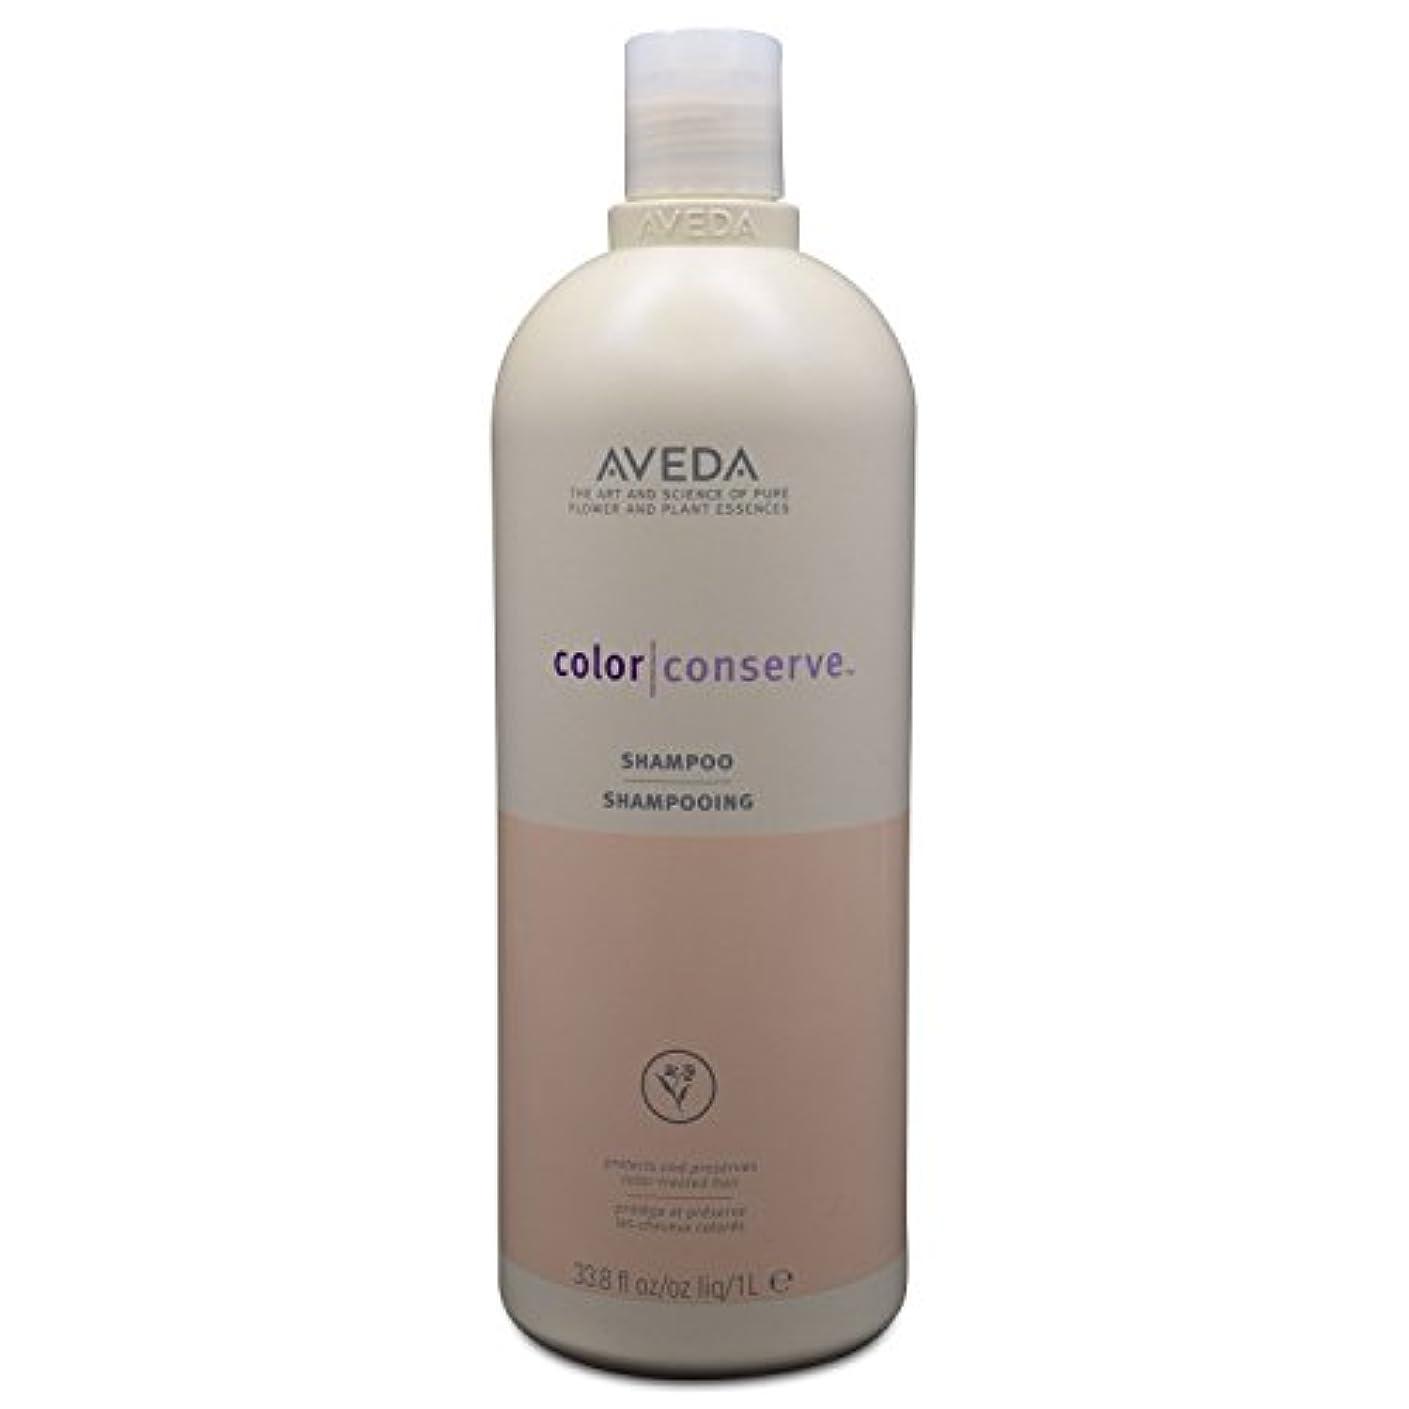 床を掃除する驚きインセンティブアヴェダ カラー コンサーブ シャンプー (サロン専売品) 1000ml/33.8oz並行輸入品